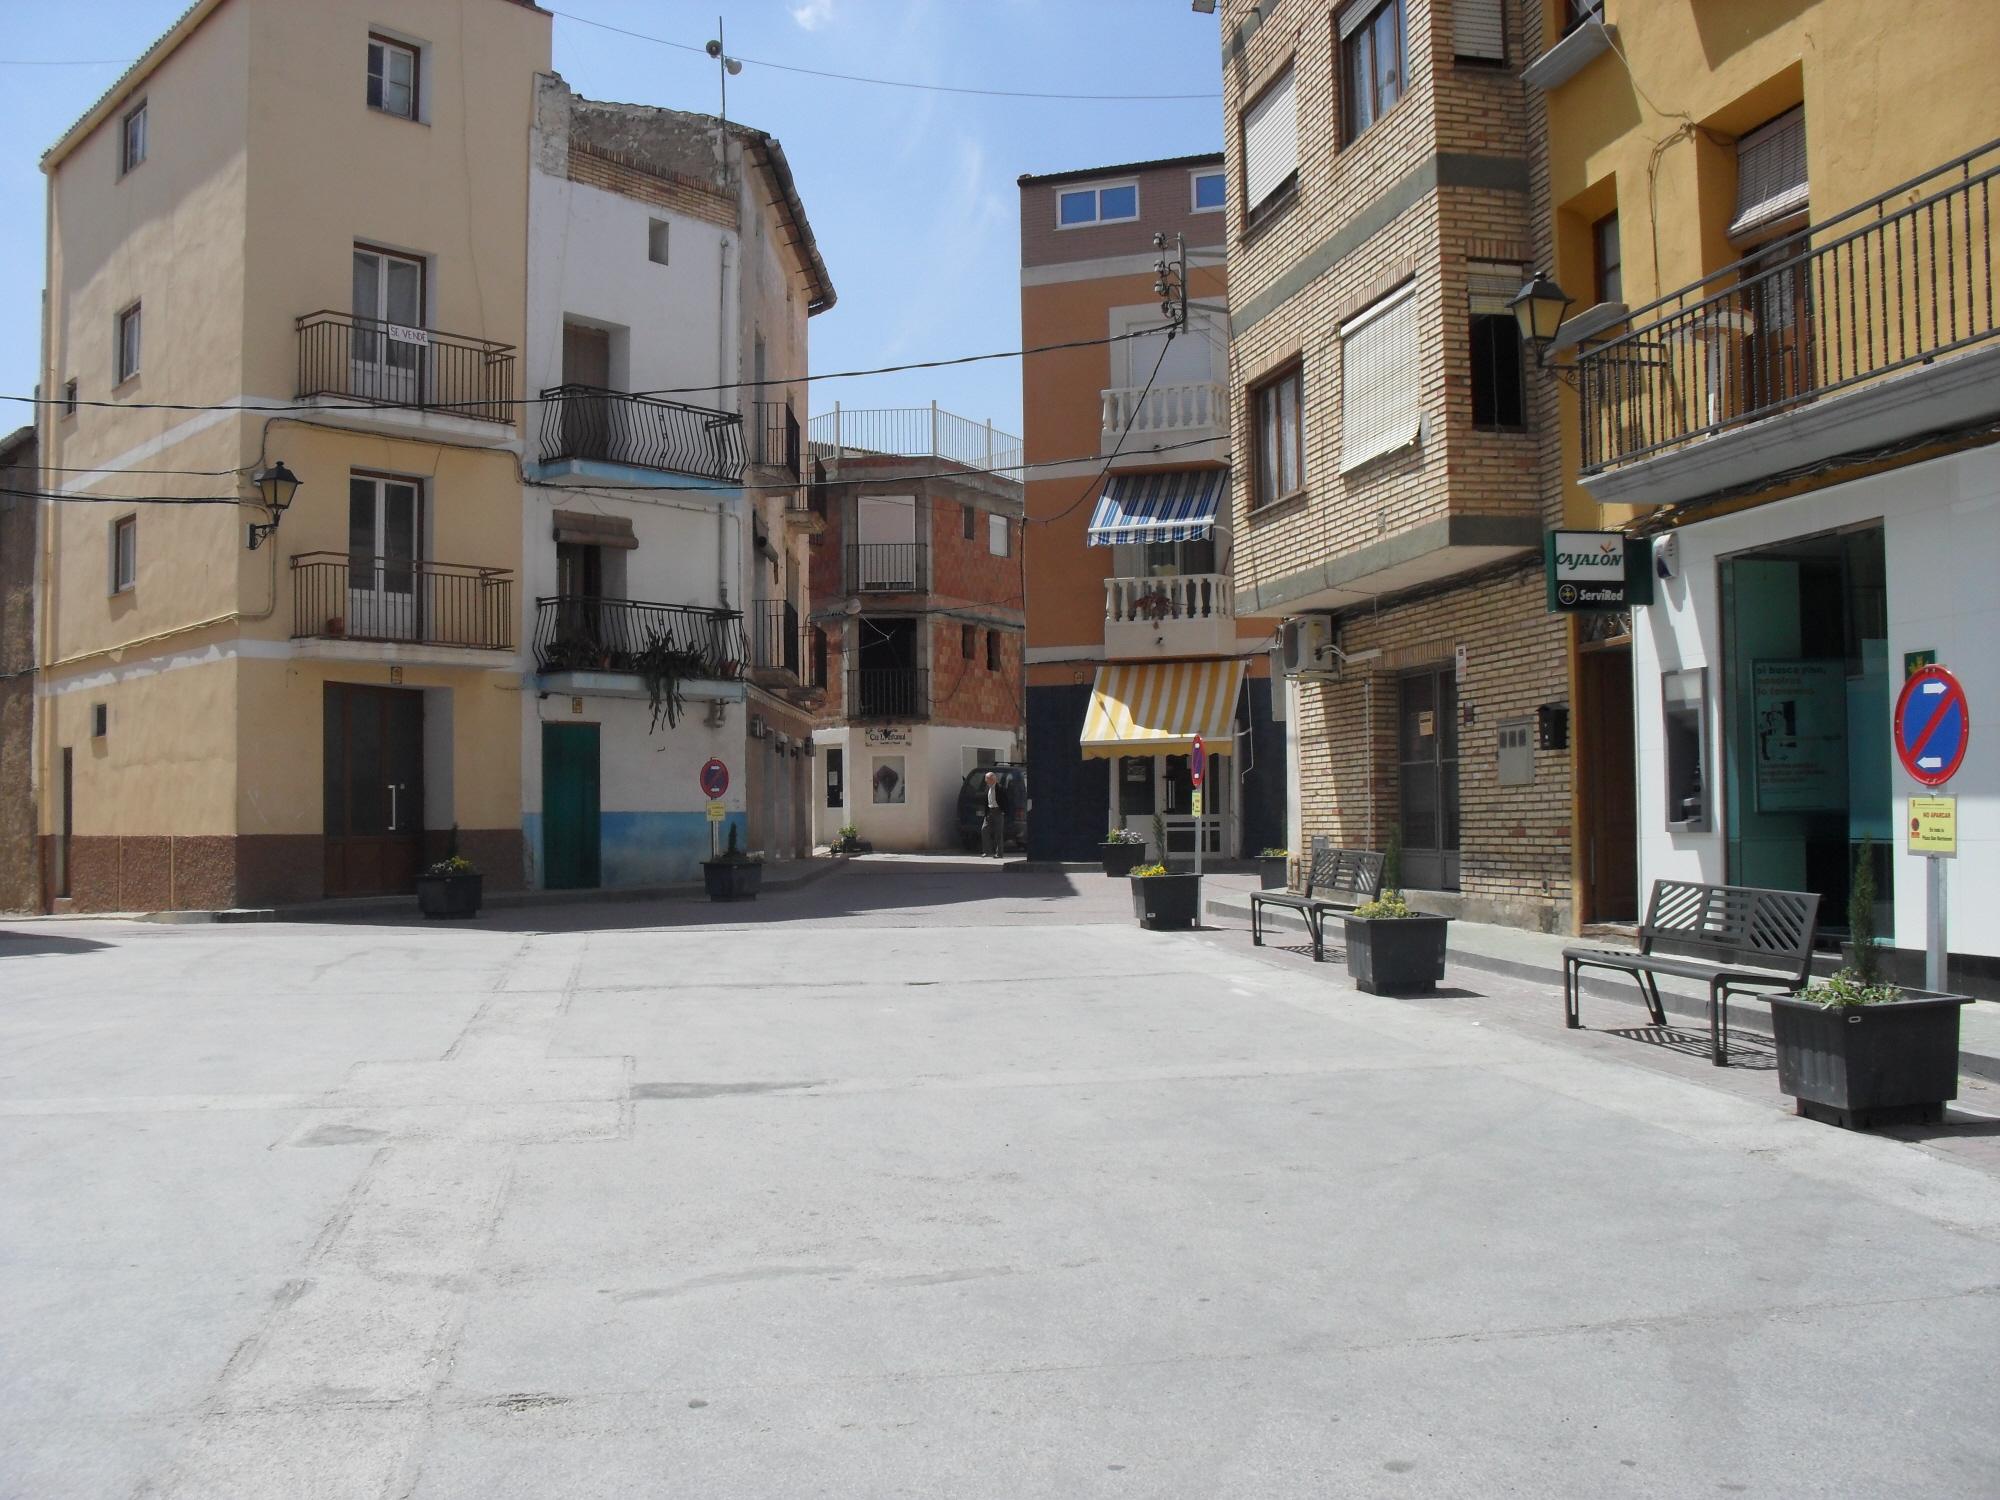 foto-original-Plaza-San-Bartolom-4dc247a8214e4